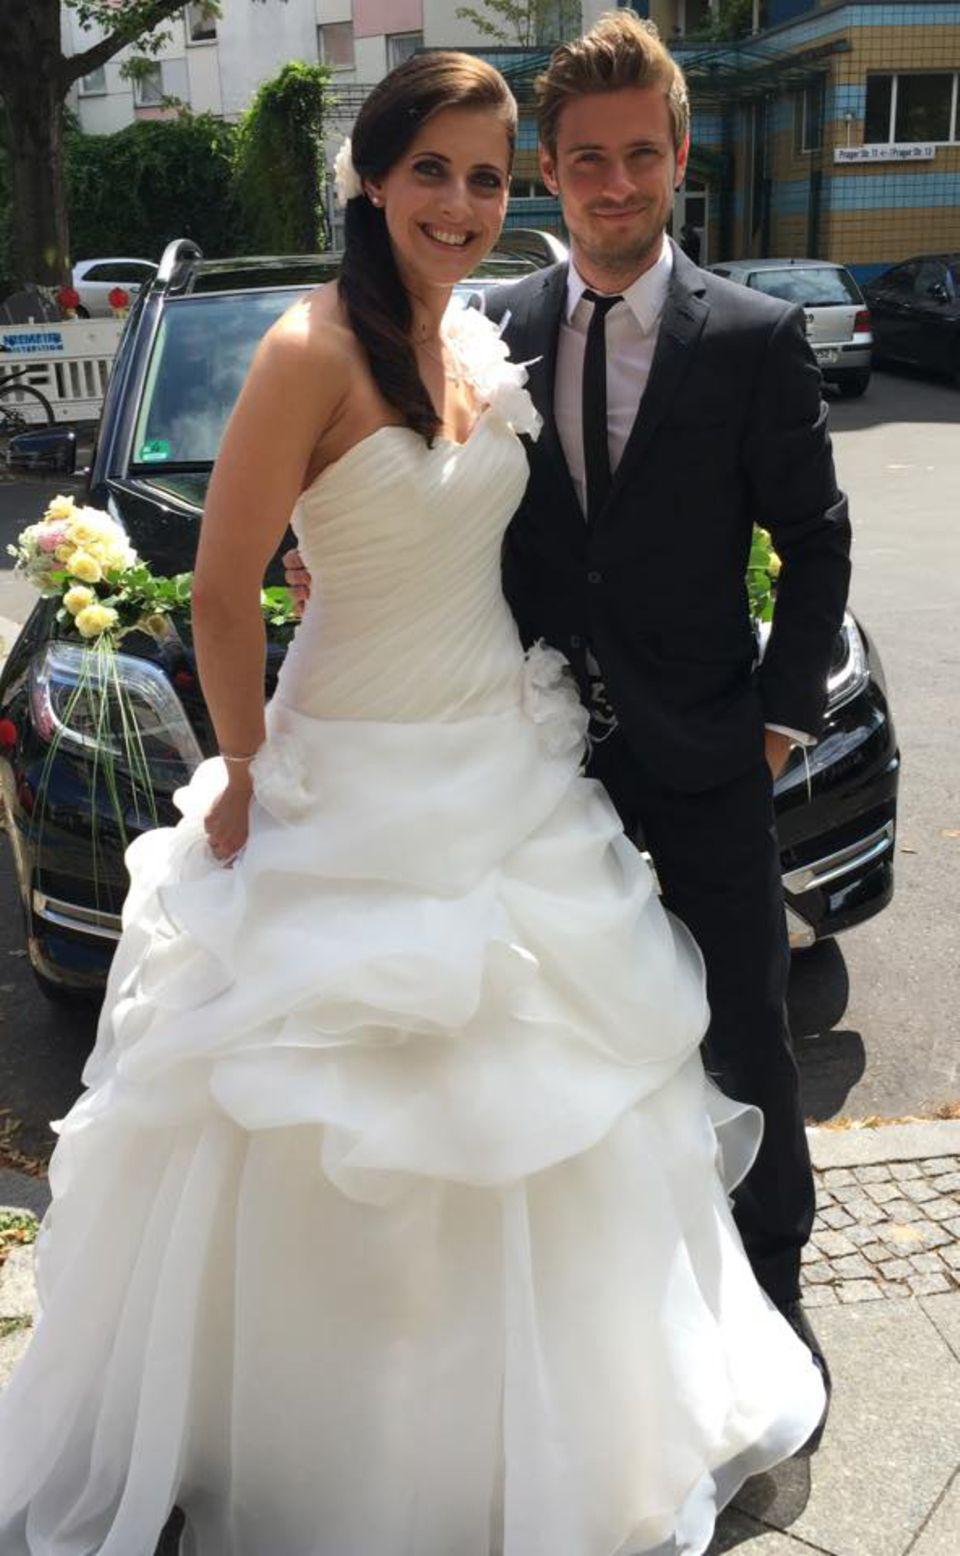 """Jessica und Jörn Schlönvoigt  Stolz posiert Jörn Schlönvoigt bei der Hochzeit seiner großen Schwester neben der schönen Braut. Bei Facebook wünscht der """"GZSZ""""-Darsteller ihr und seinem tollen Schwager gute Zeiten."""